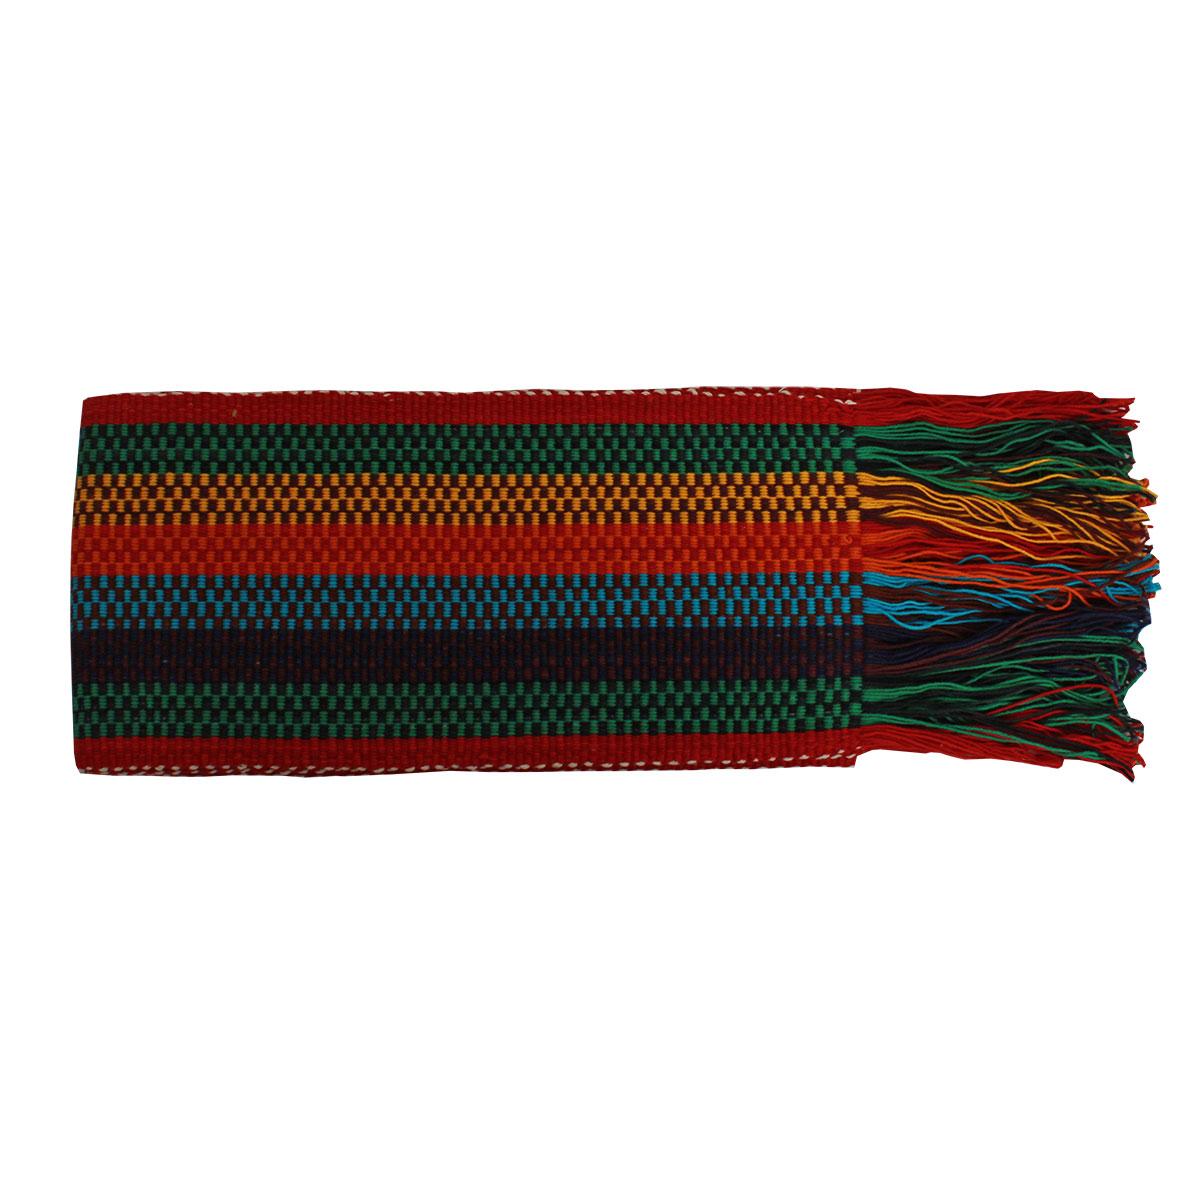 Faixa Paraguaia Boiadeira Colorida Vermelha E Verde